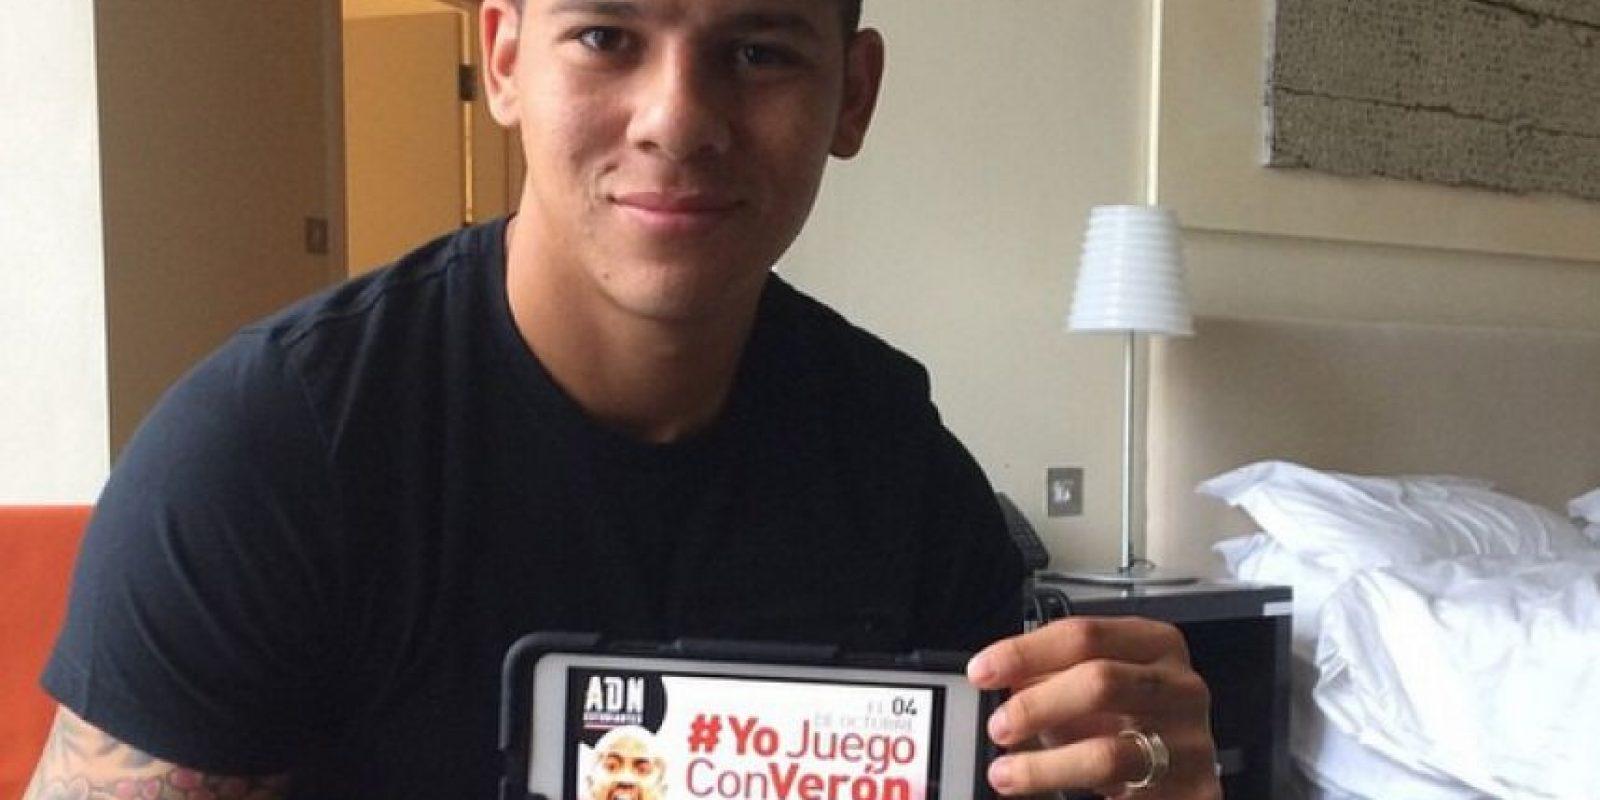 Con 25 años, Rojo se desempeña como defensa del Manchester United. Foto:Vía instagram.com/marcosrojo